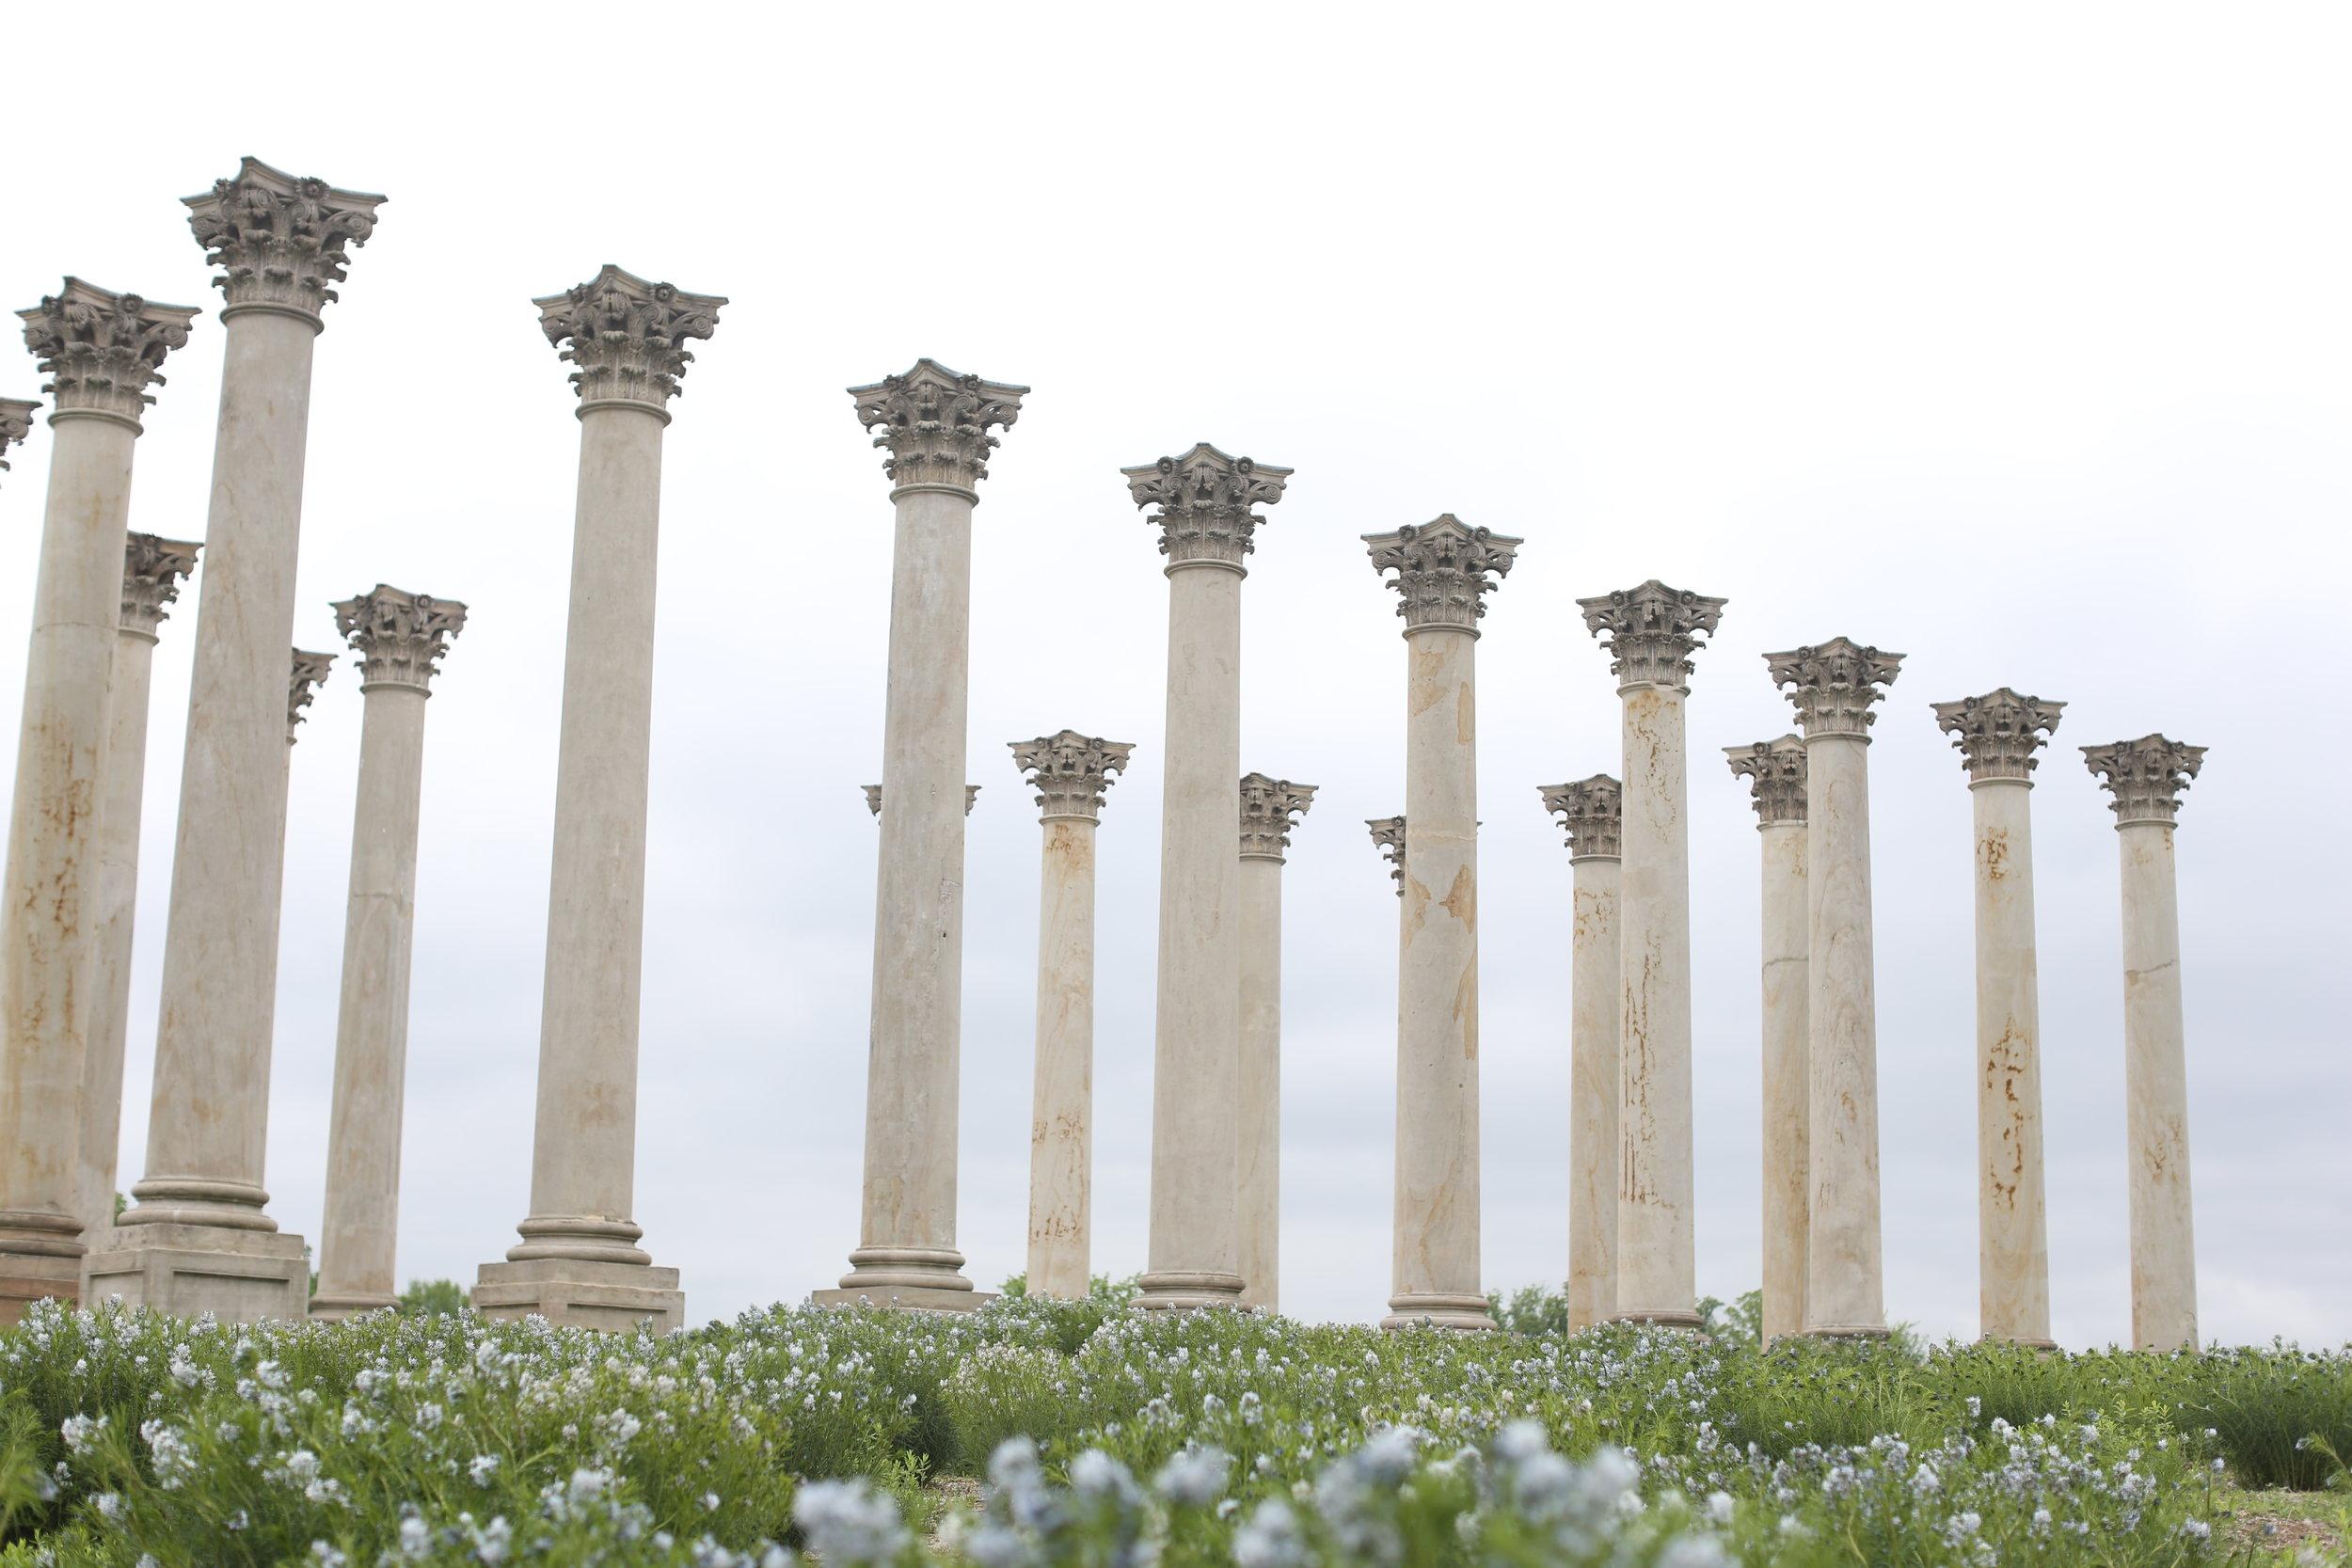 Old Capital columns at the Arboretum.